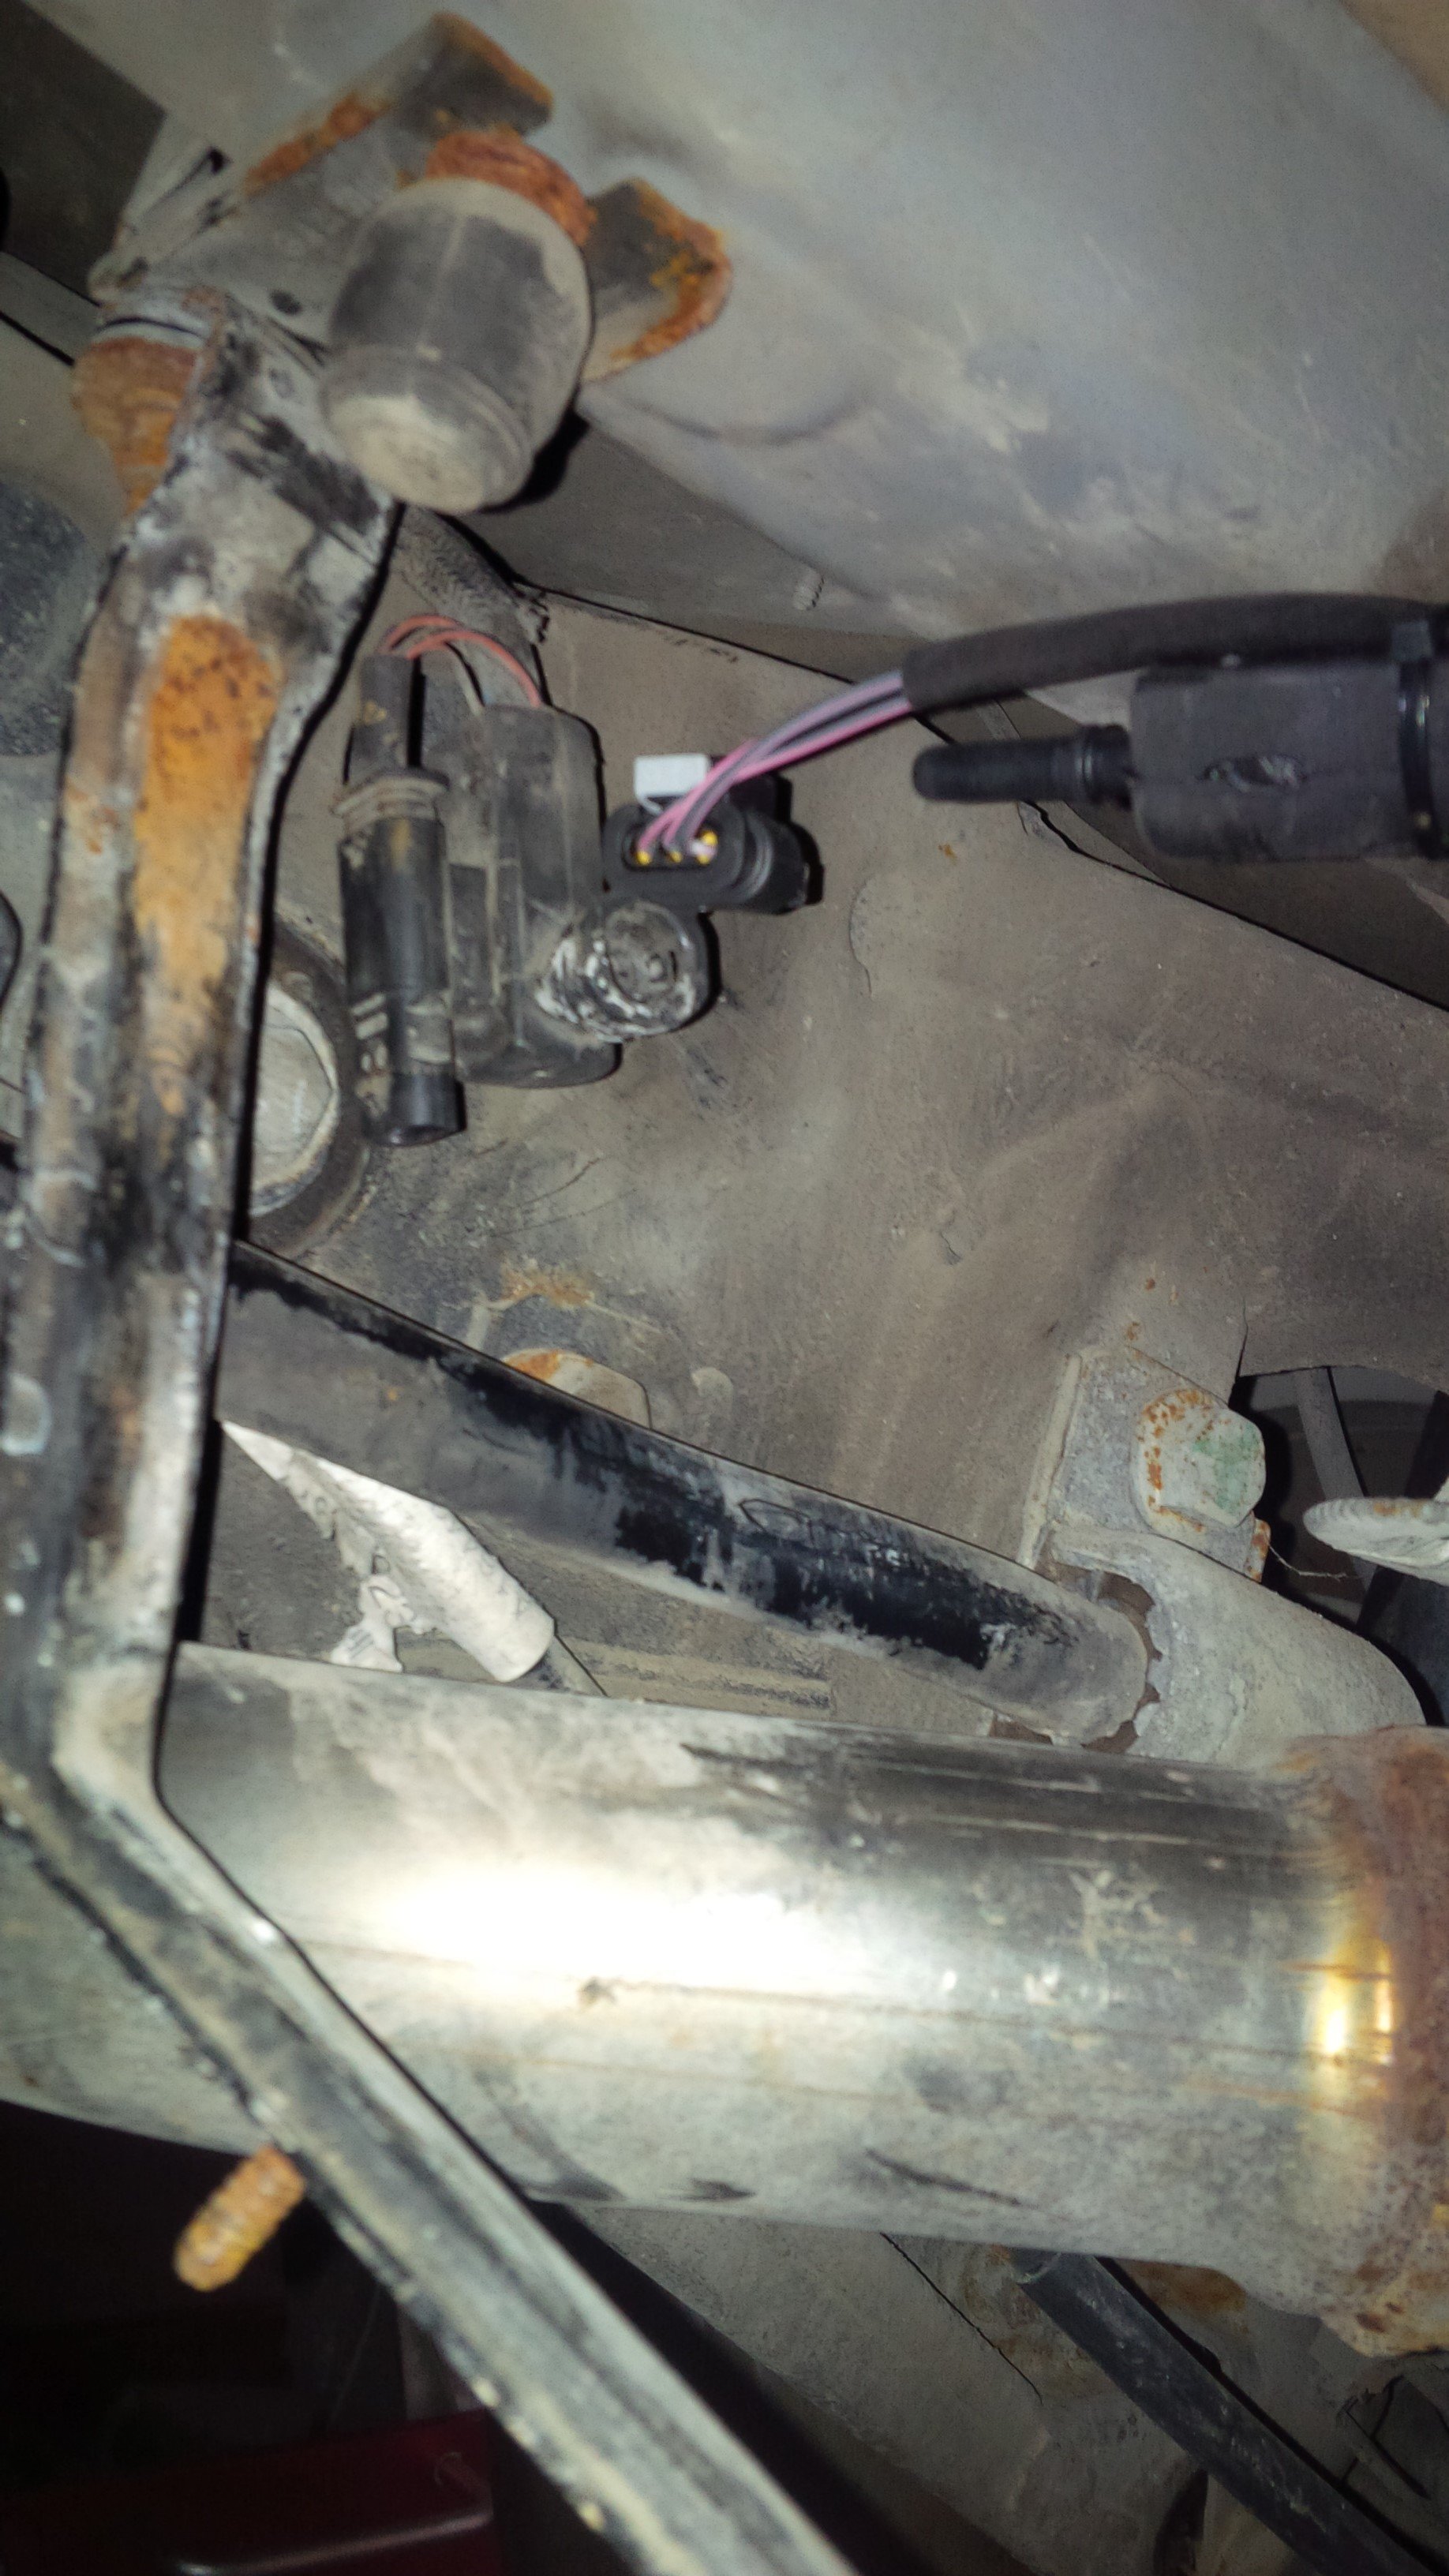 2010 Mercedes ml350 Bluetec I have a code 20b91B I had a problem